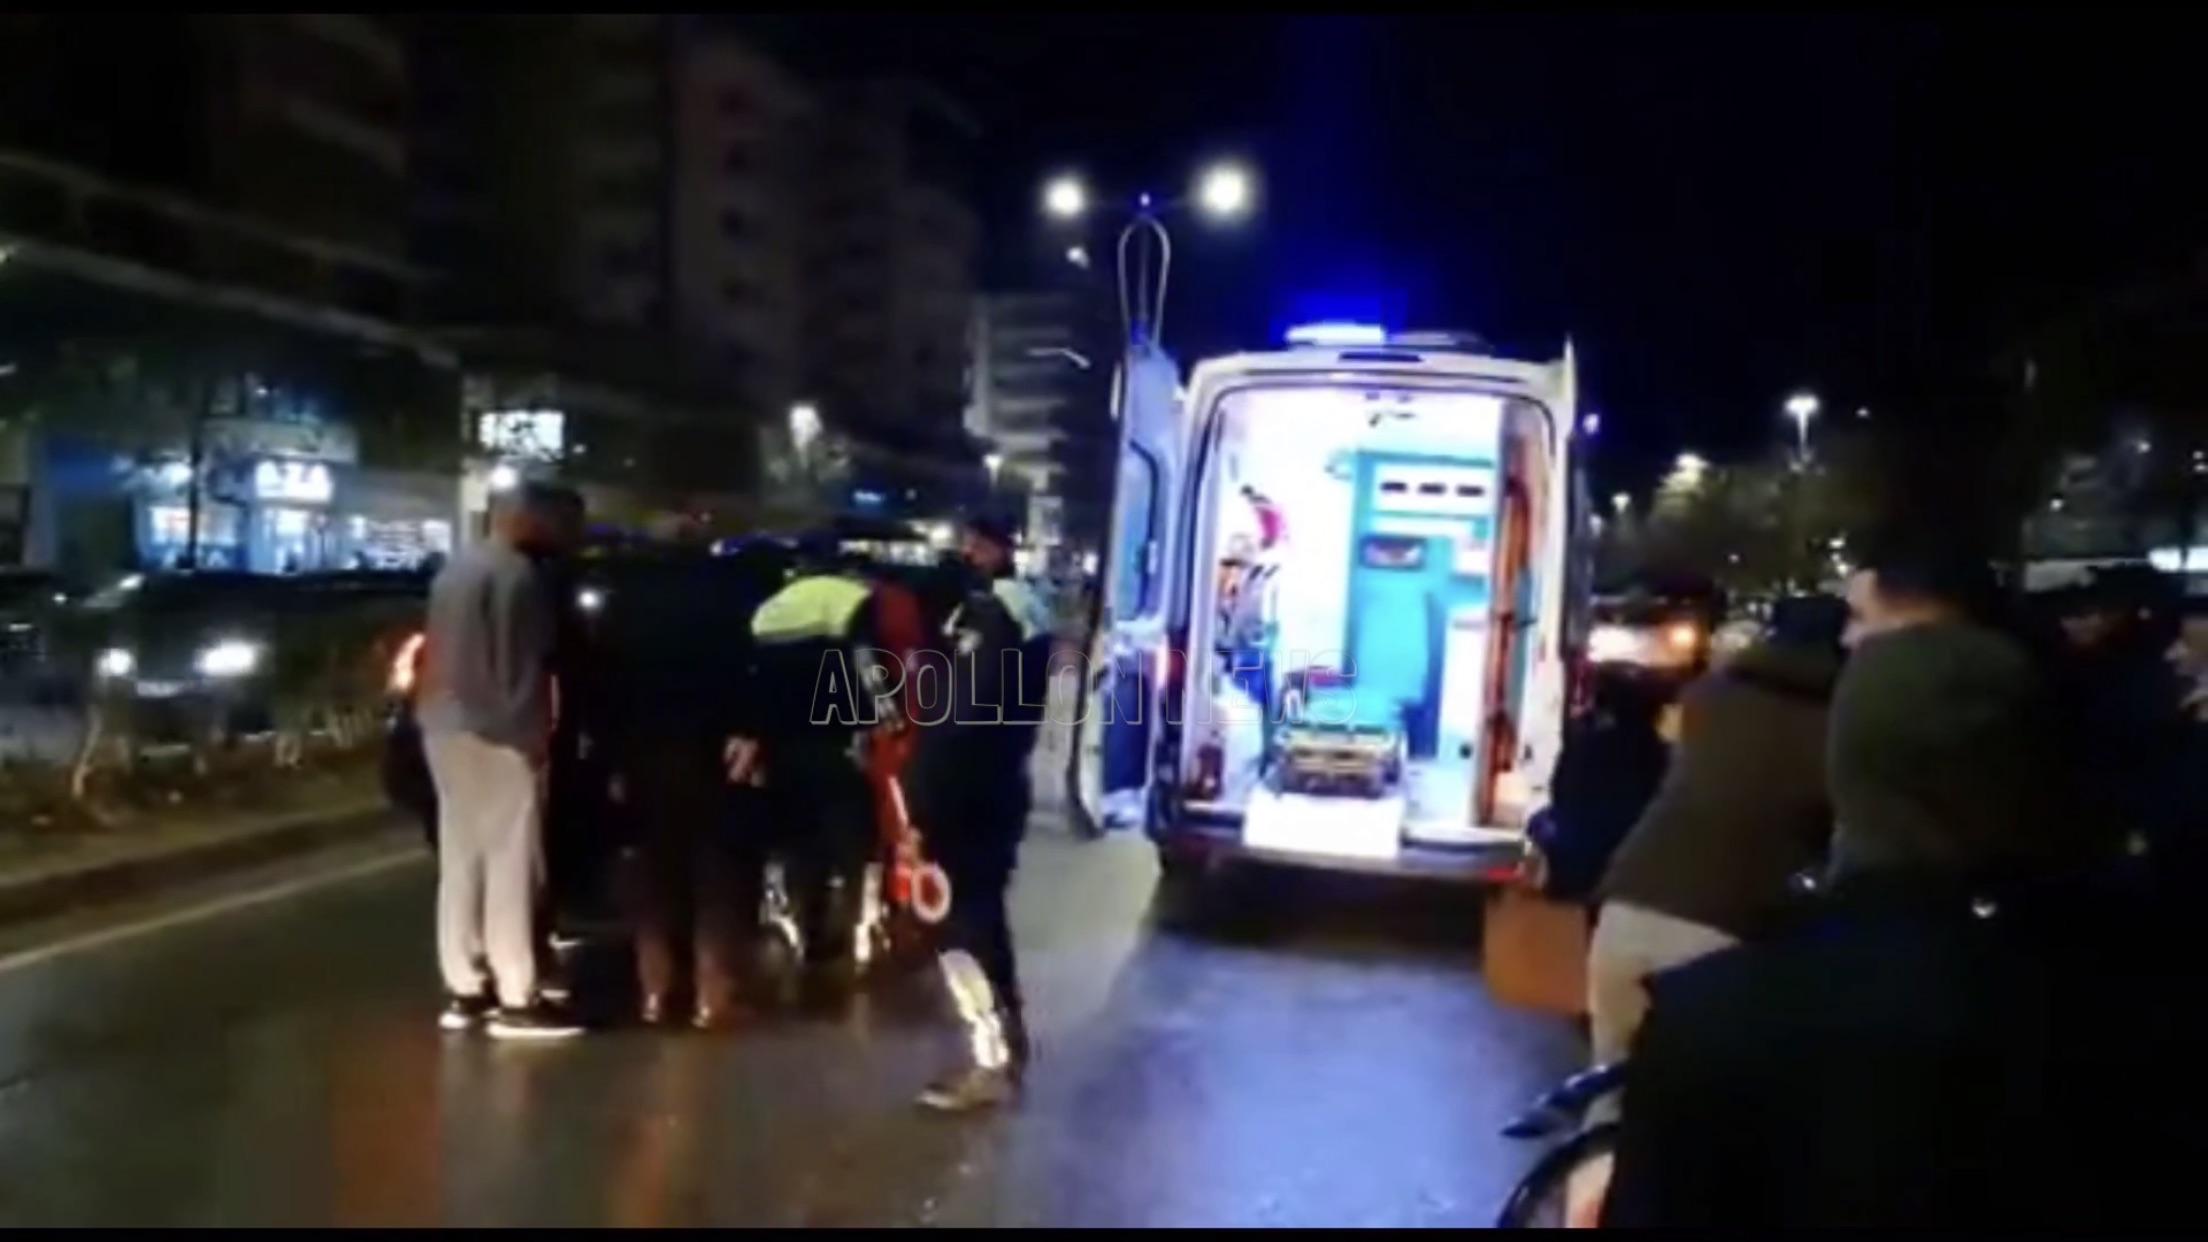 KRUJE/ Automjeti përplas këmbësorin, dërgohet për në spital një 48-vjeçar